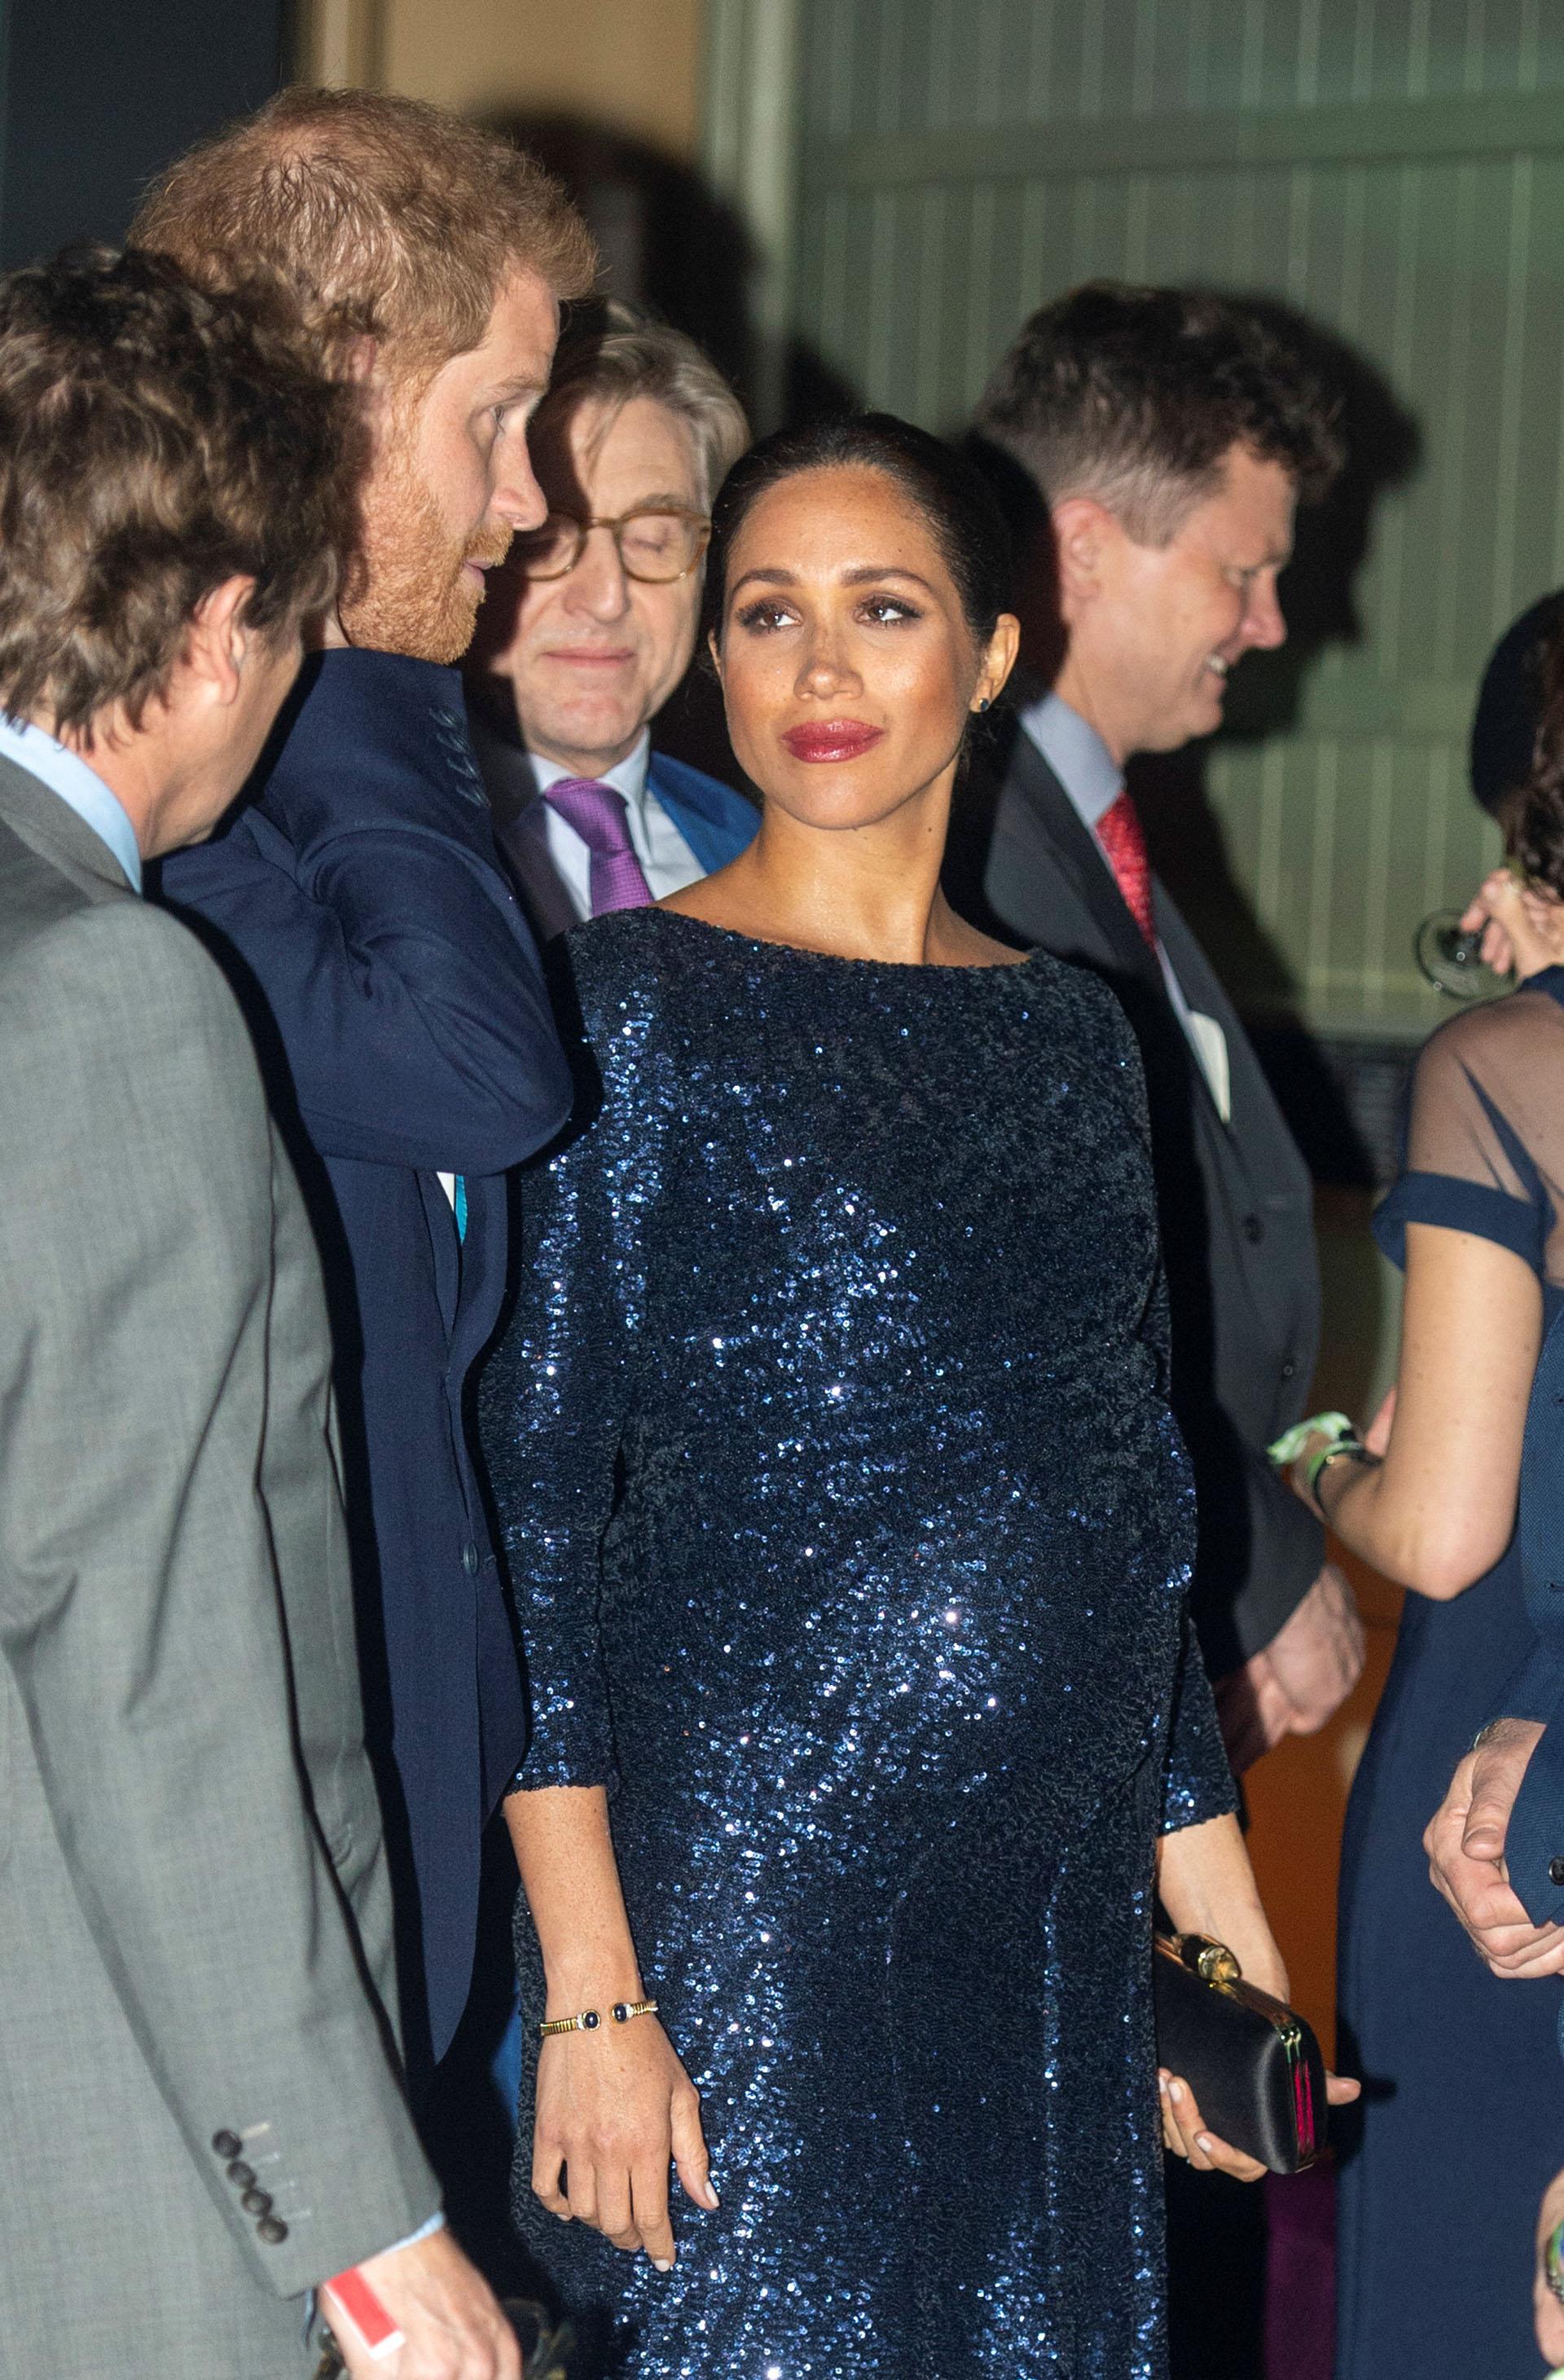 Meghan impactó con un vestido de gala de paillettes de color azul noche, un diseño de Roland Mouret